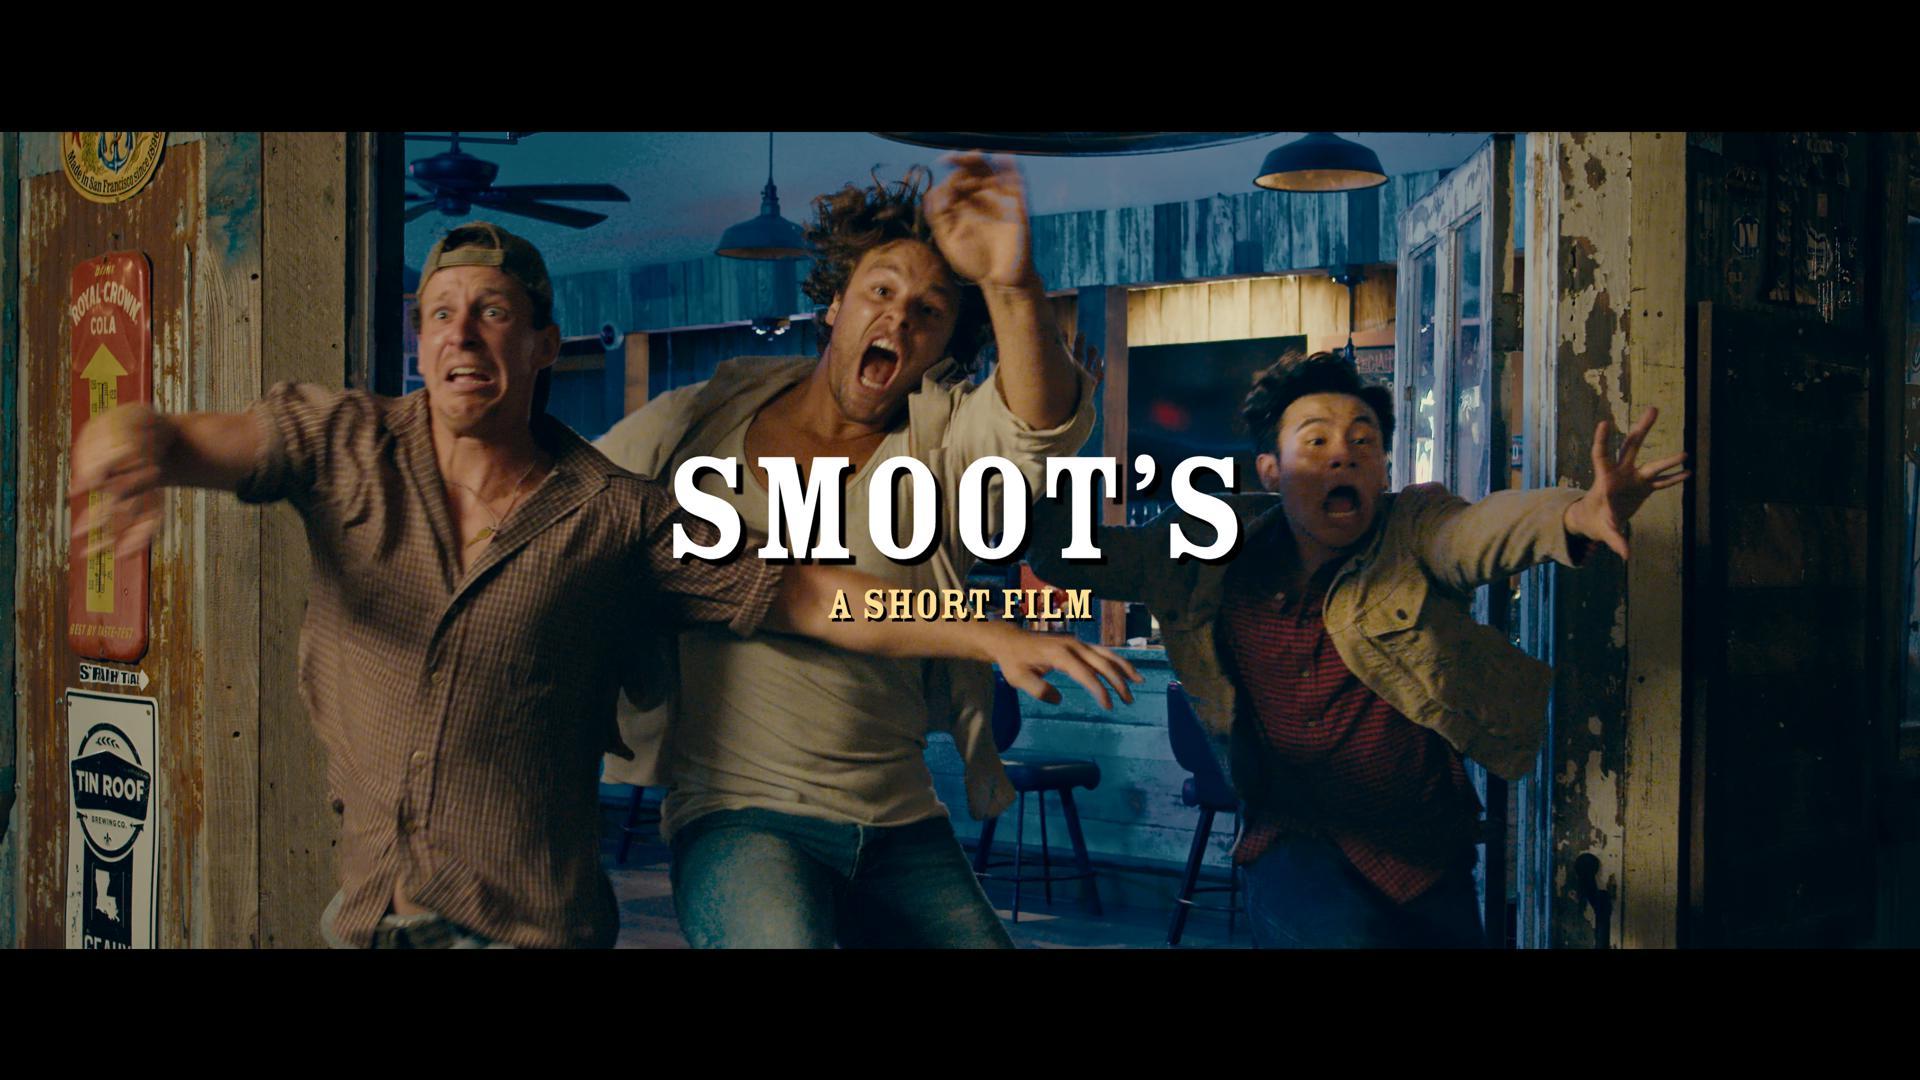 SMOOT'S